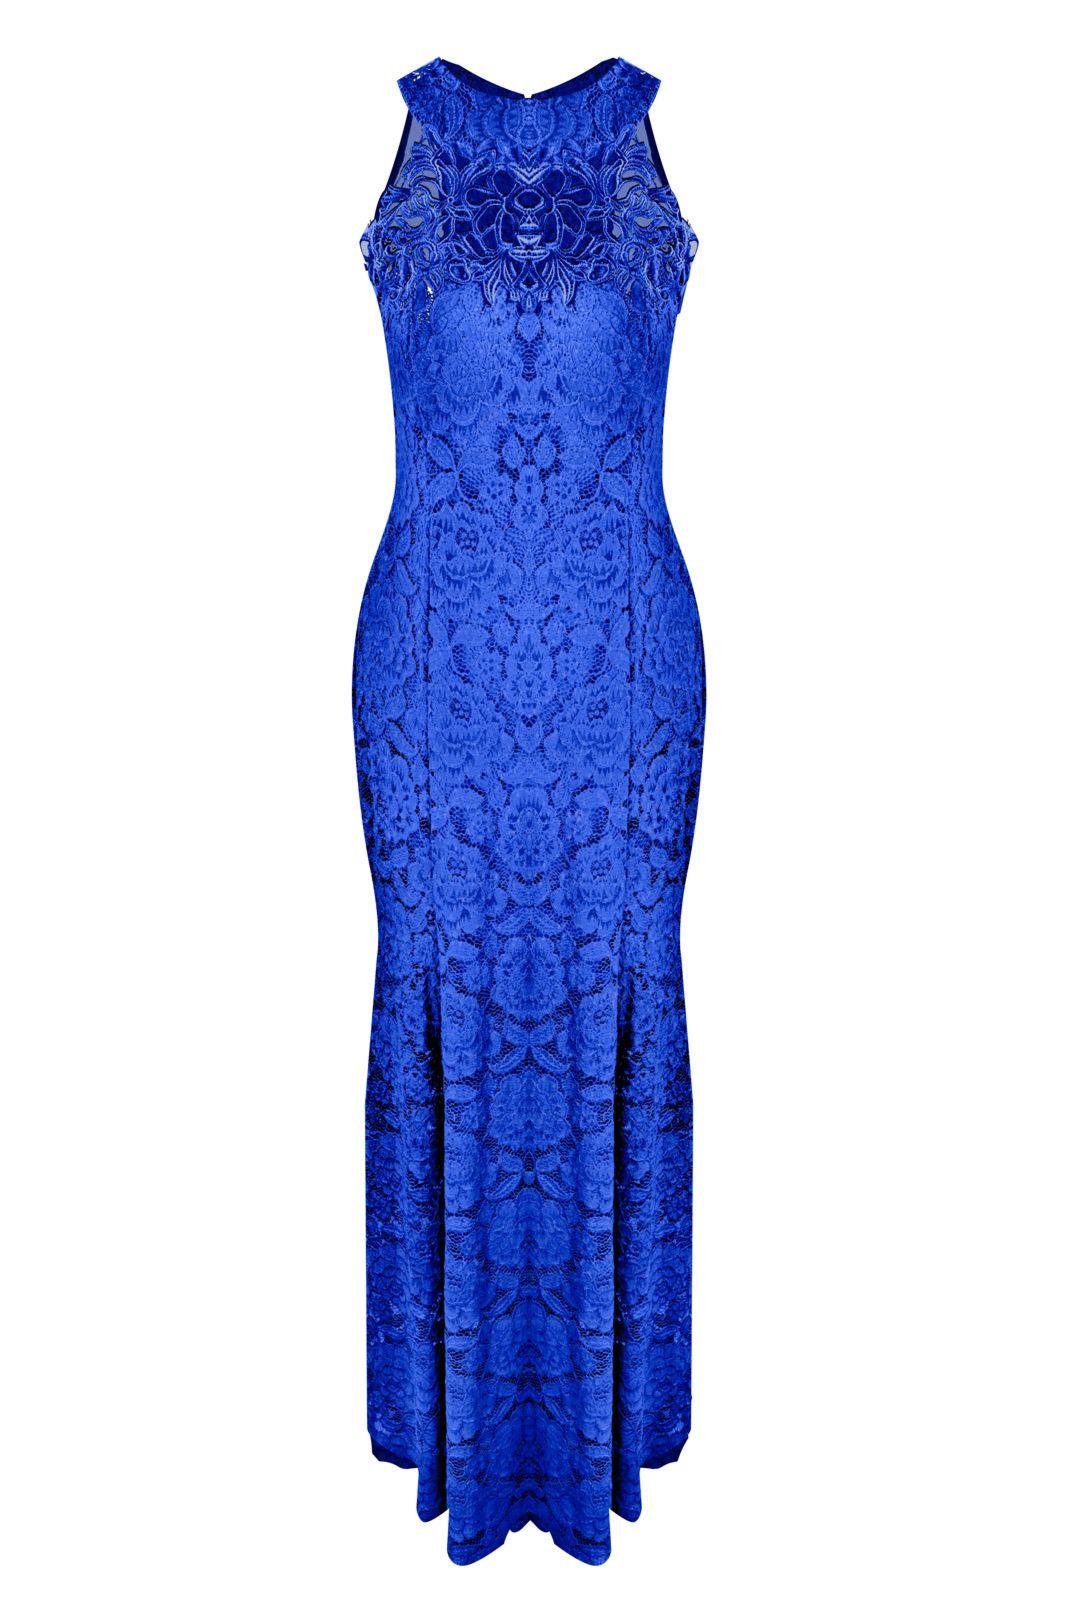 Vestido de Renda Azul Marinho Longo Como Usar?   Rendas azul